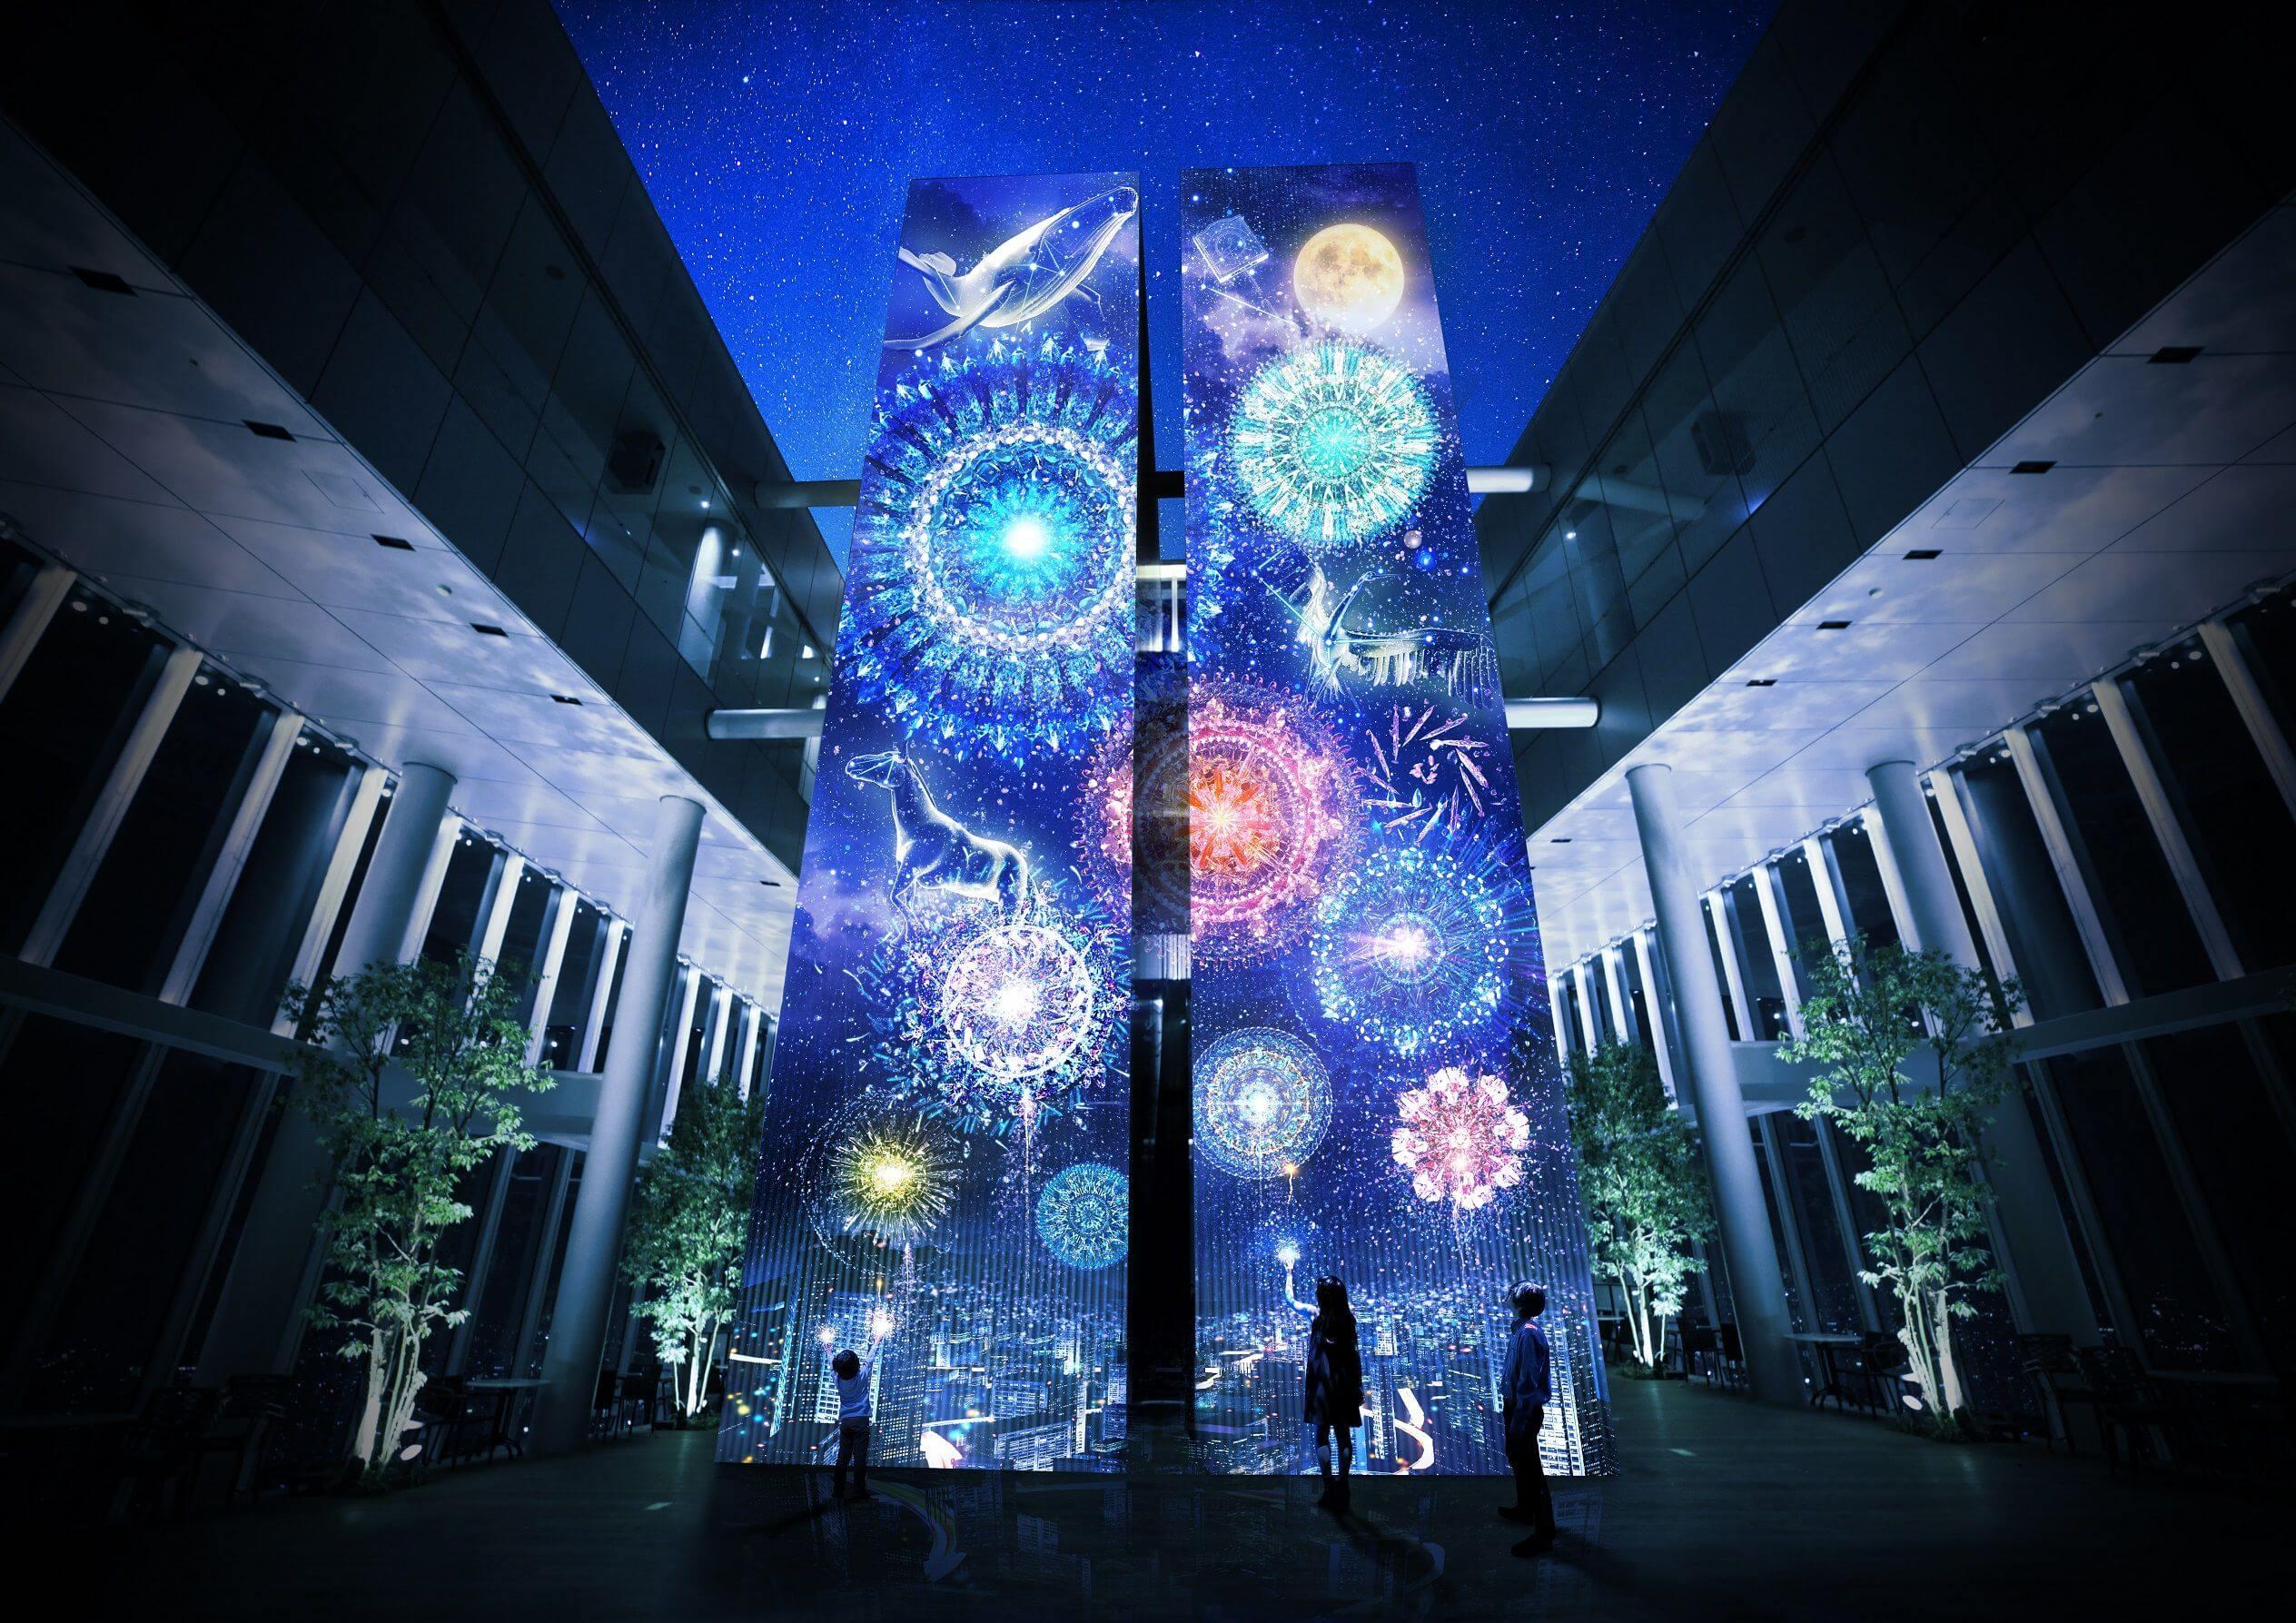 大阪・阿倍野HARUKAS將舉辦光雕投影活動「天空花火‐FIREWORKS BY NAKED‐」 在大阪、花火大會、